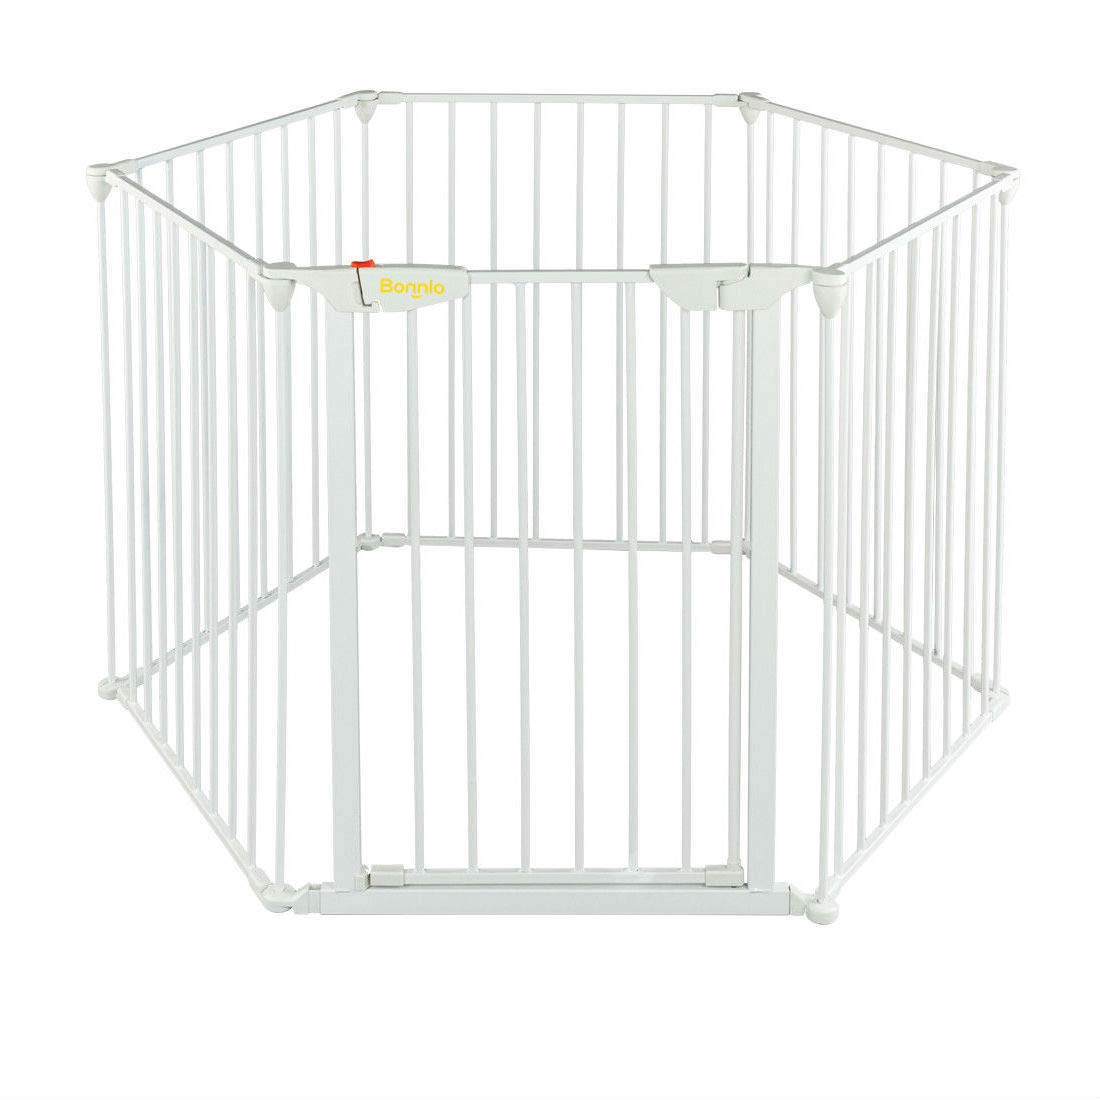 【 開梱 設置?無料 】 6p 暖炉 フェンス ペット 犬 ハースゲート ペット 猫 スチール 火災 ゲート フェンス 赤ちゃん 安全 フェンス ハースゲート B07K727K3H, ミナミアイヅグン:7fd55622 --- a0267596.xsph.ru